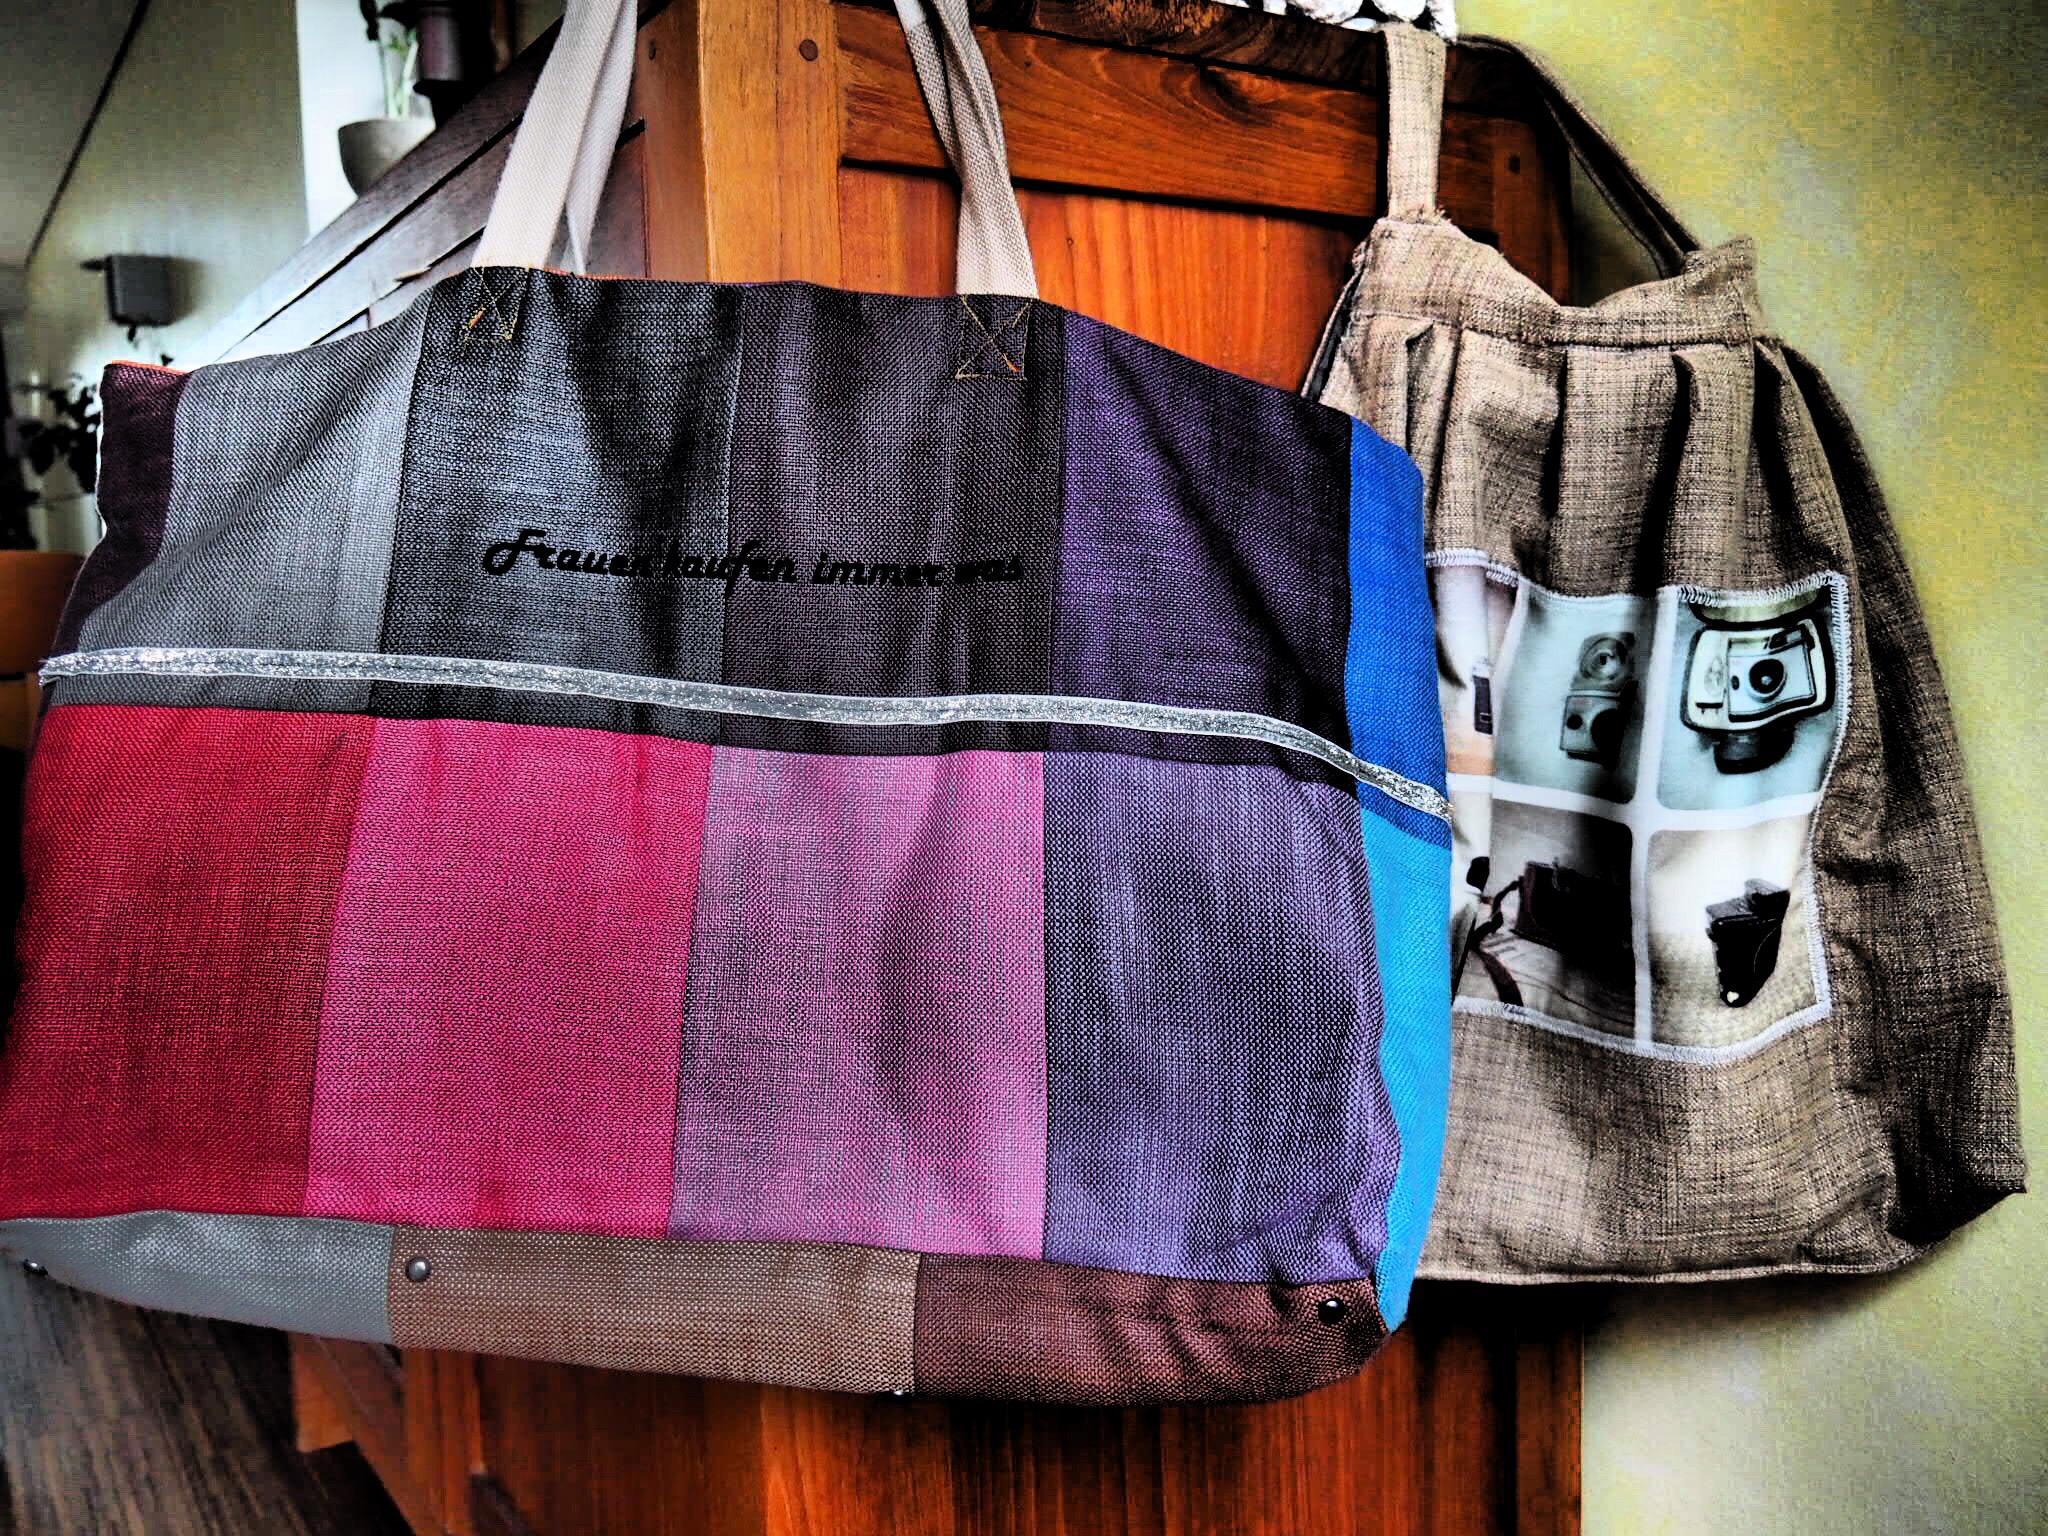 ERNSTgemachte Taschen